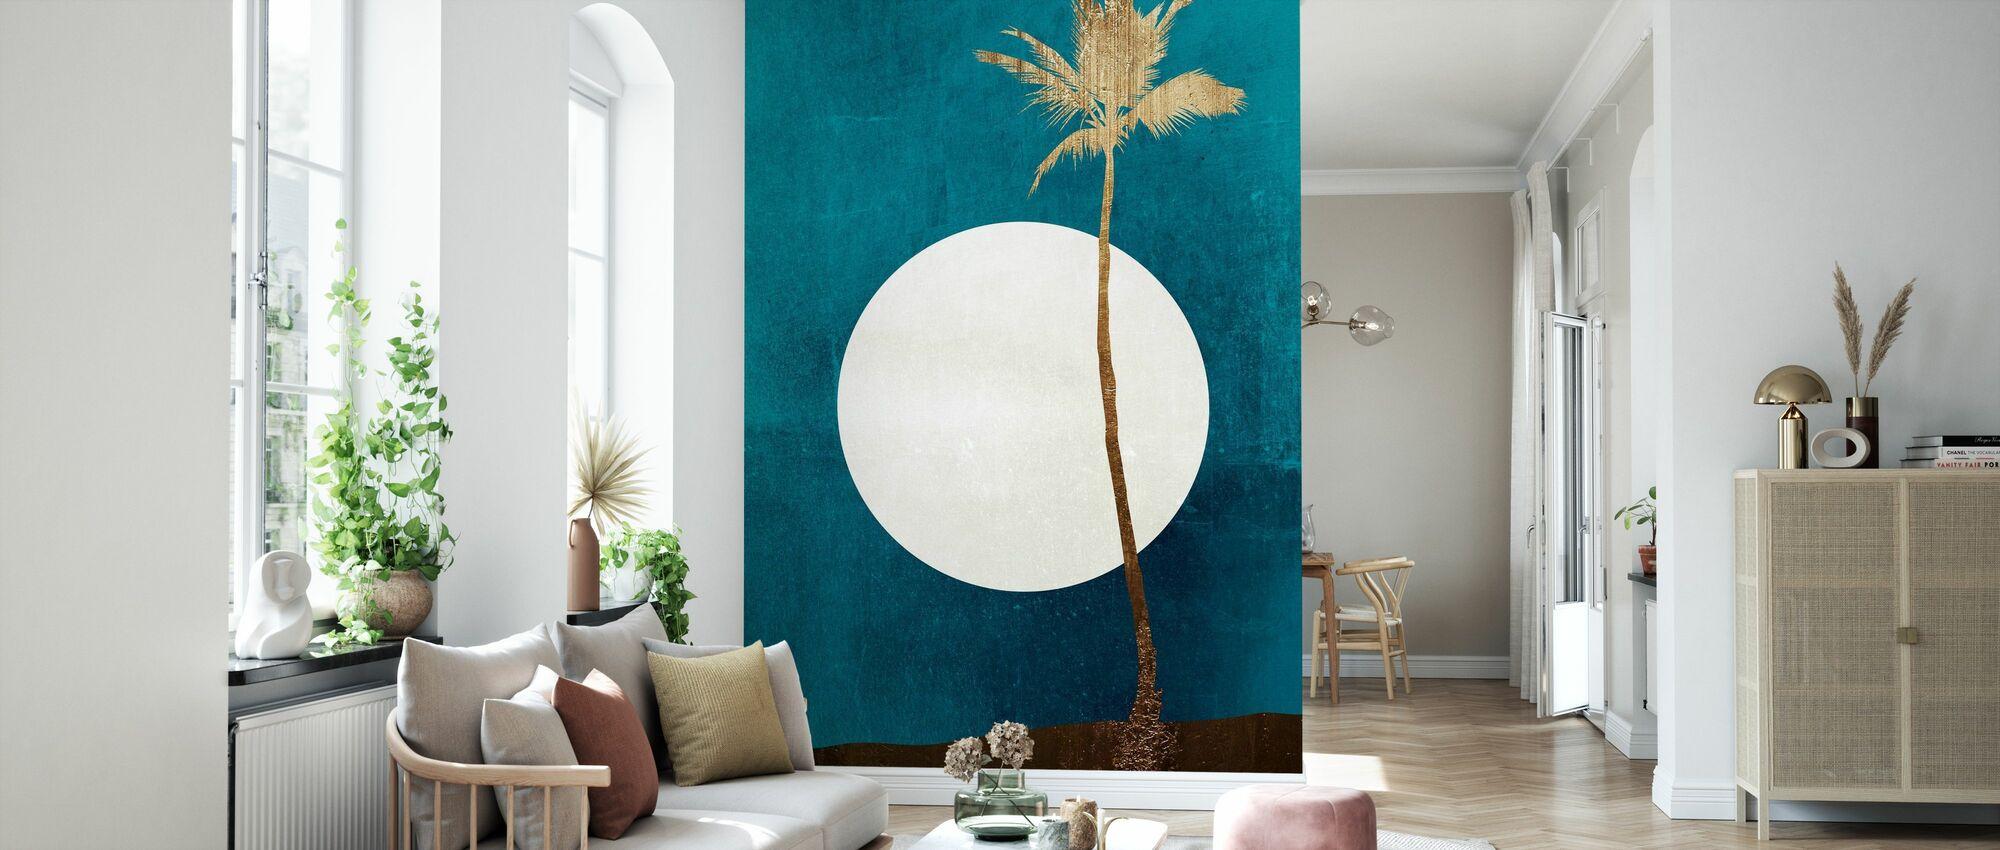 Karibischen Träume - Tapete - Wohnzimmer